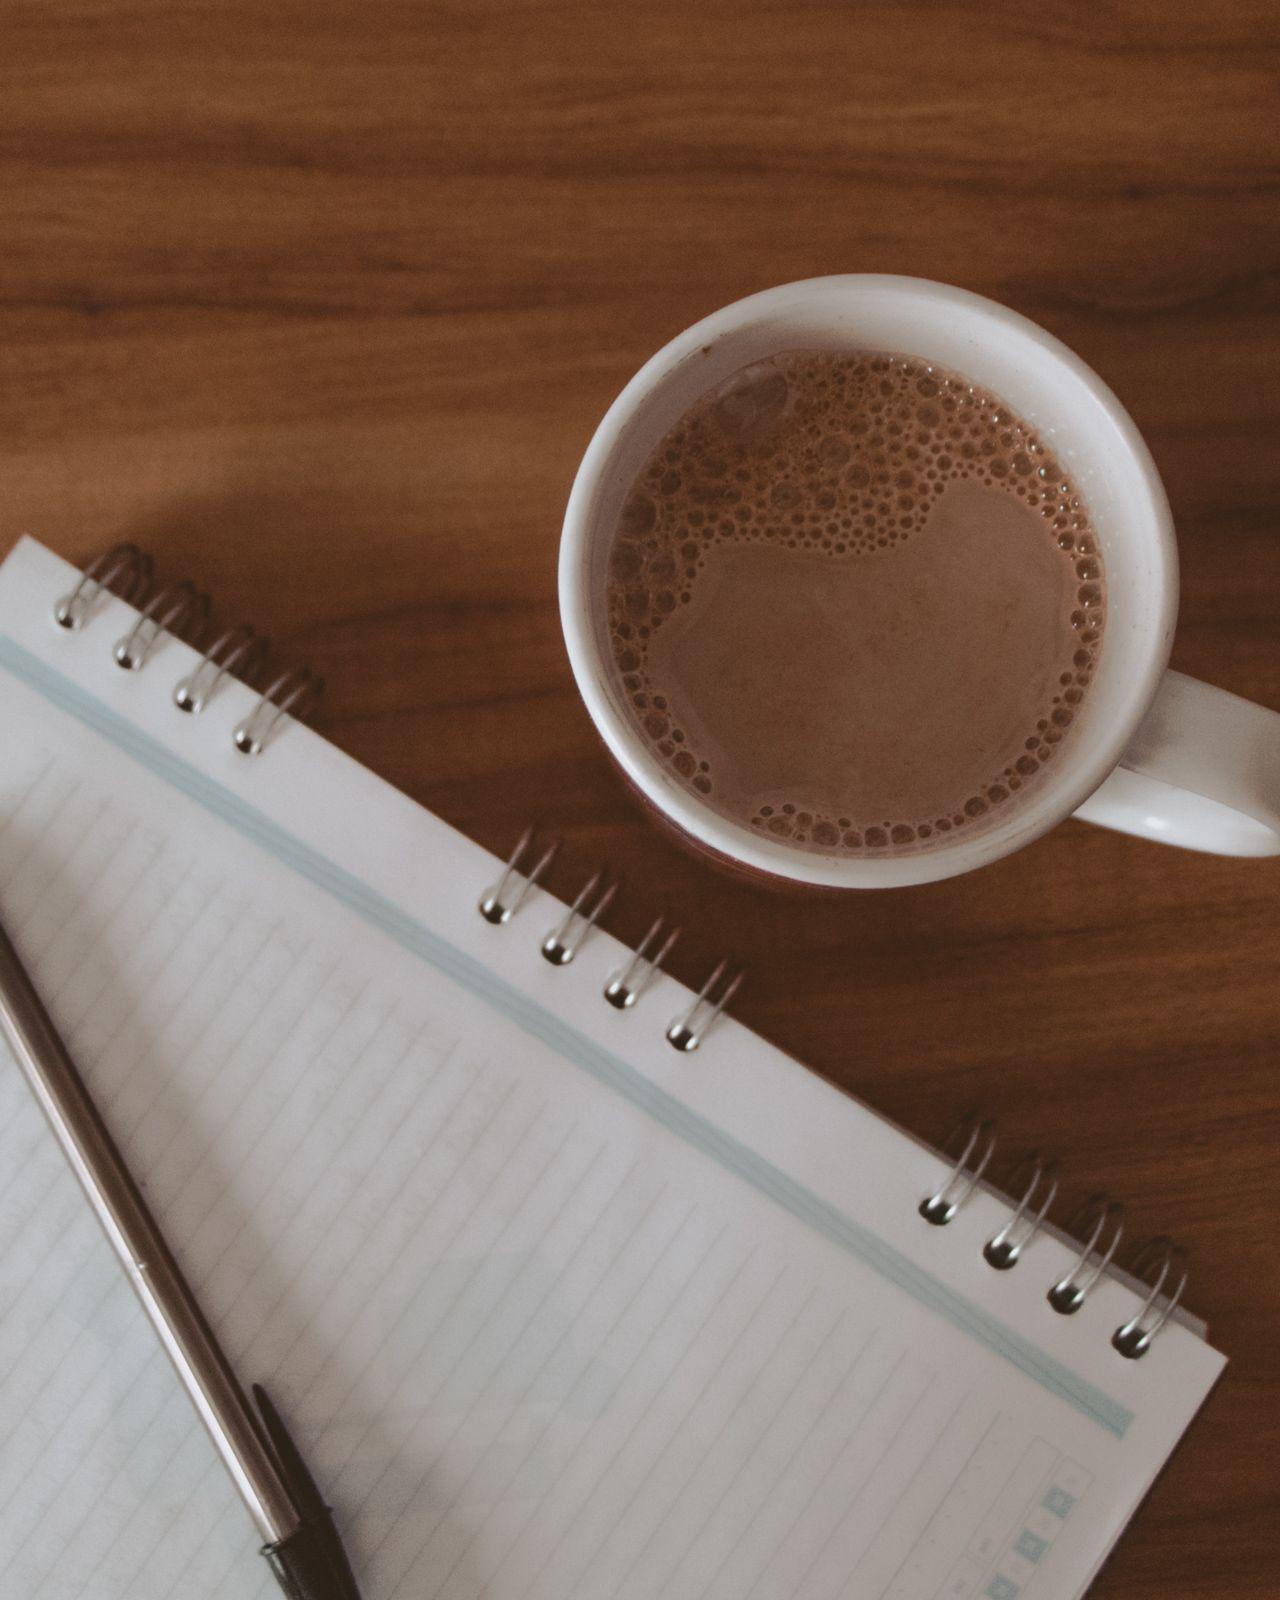 Cansaço psicológico + make good art caneca chocolate quente